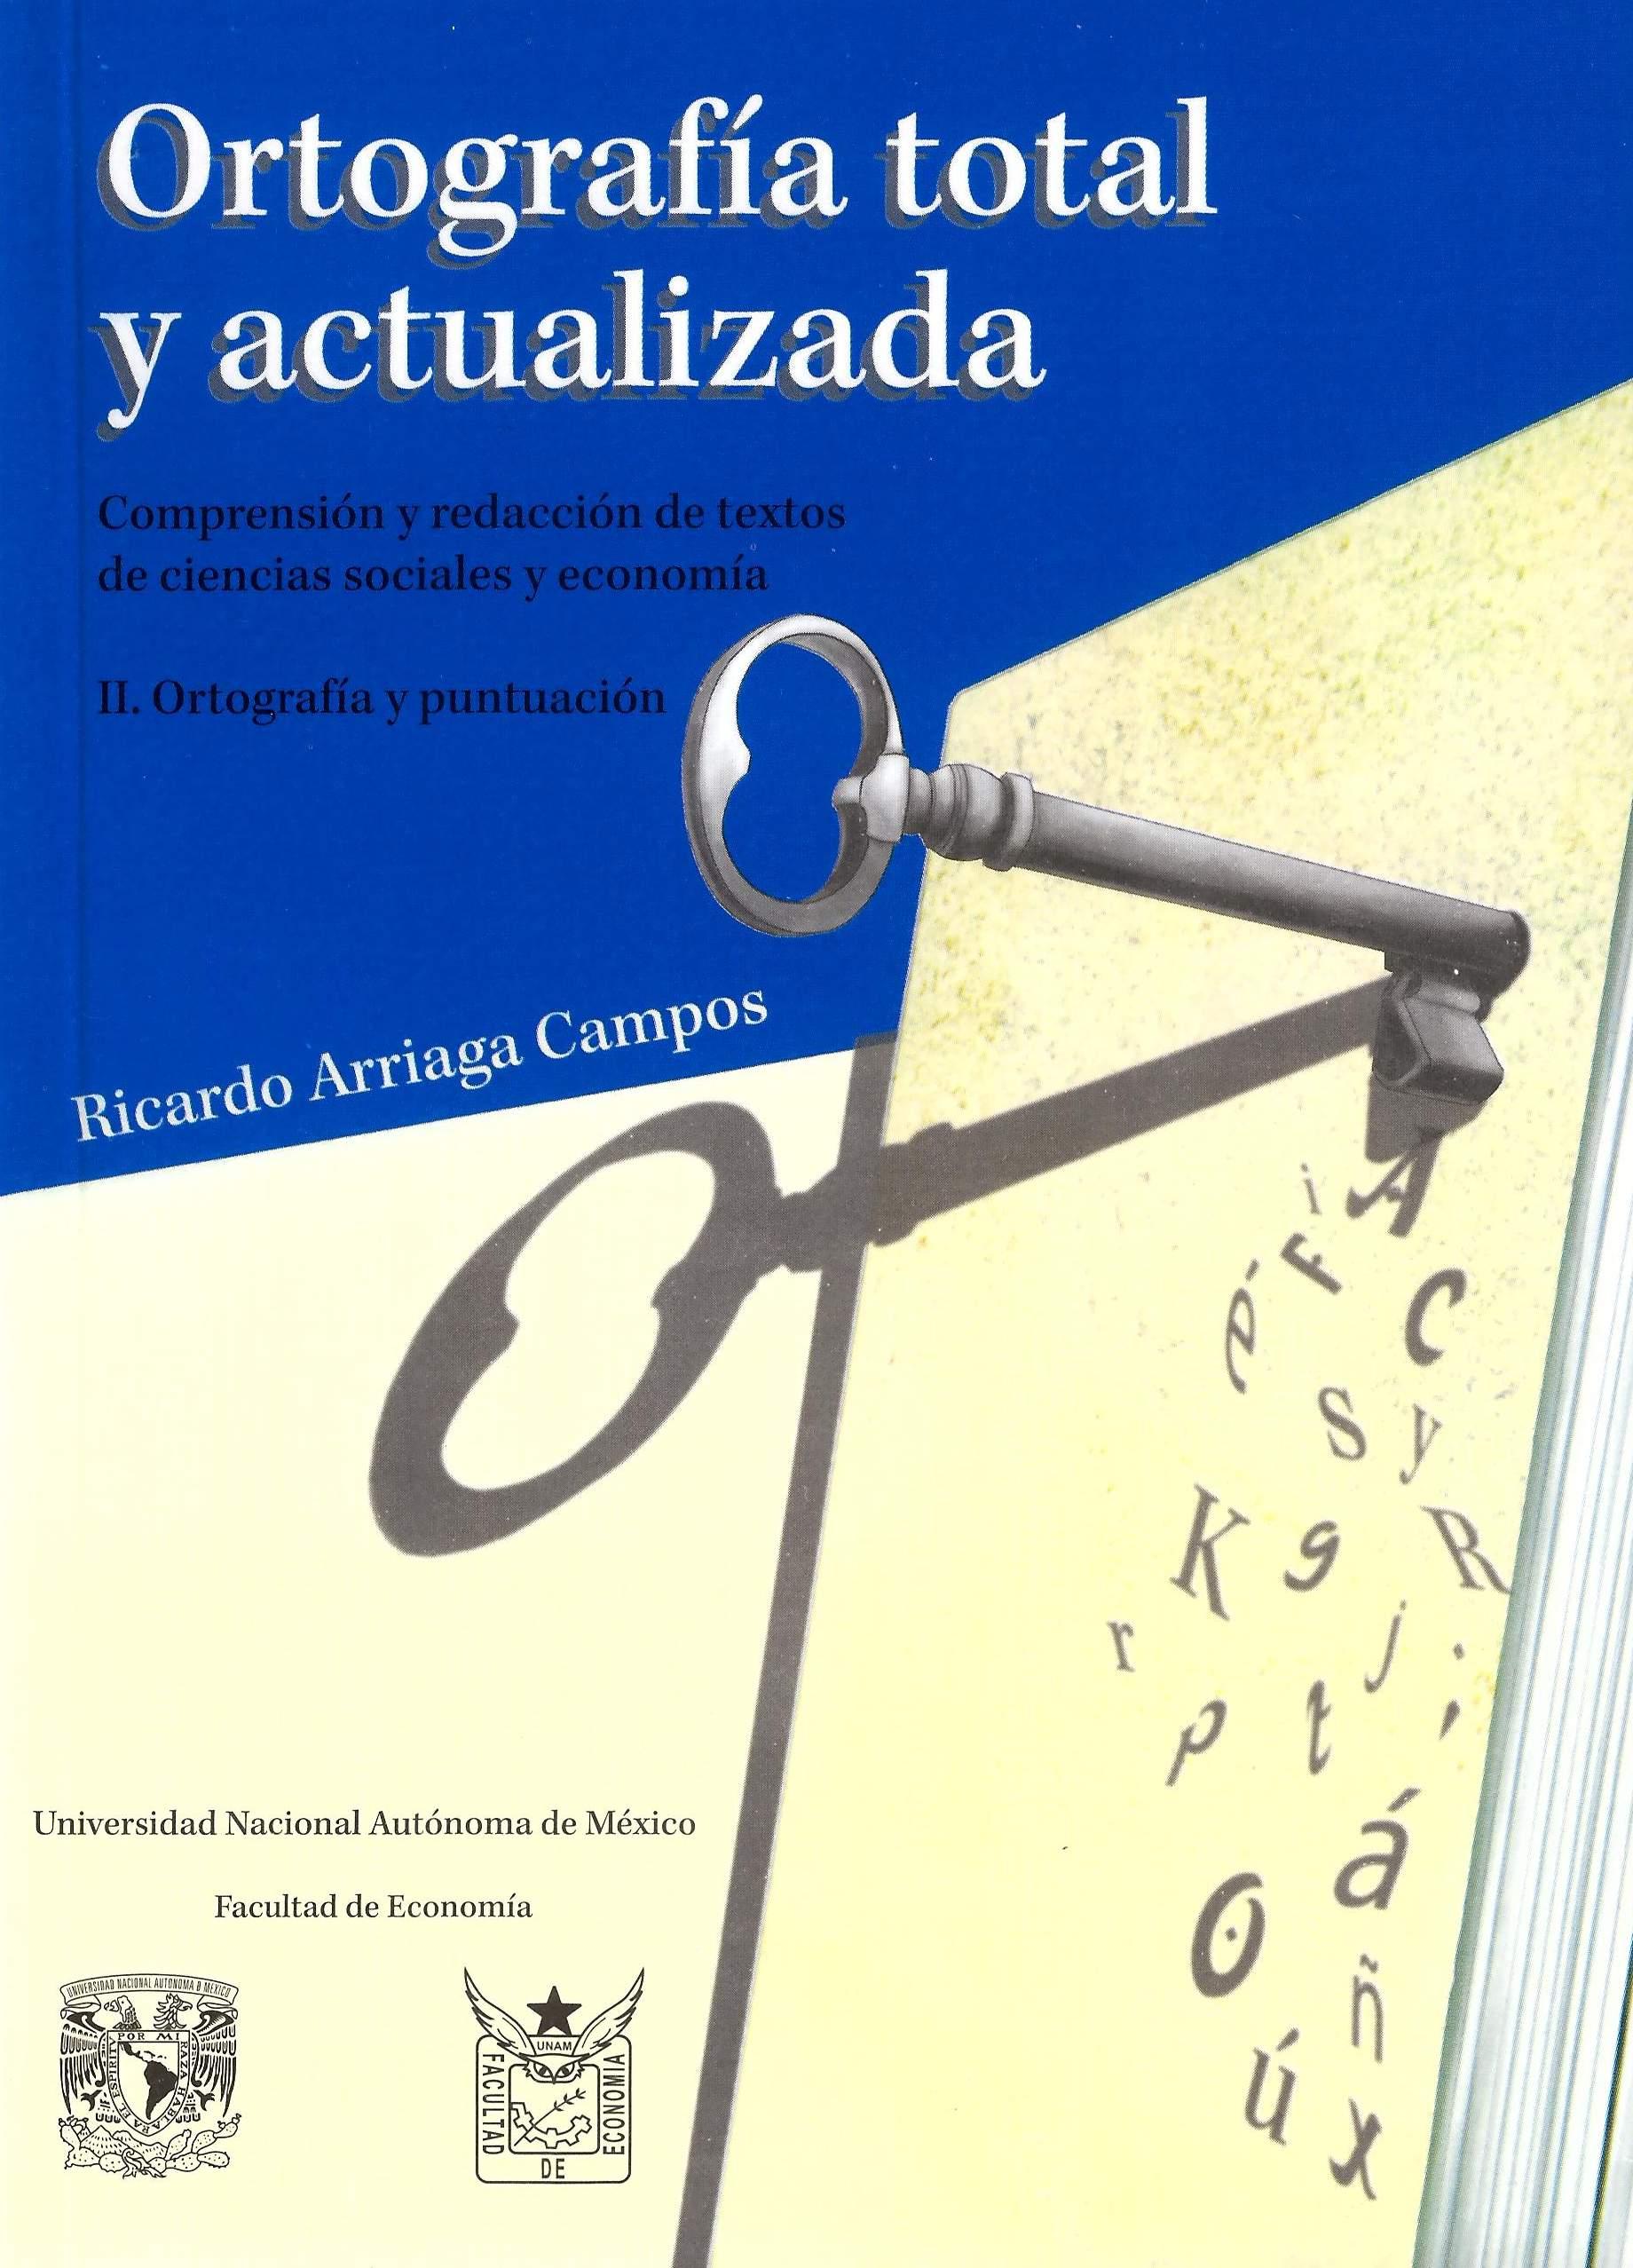 Ortografía total y actualizada. Comprensión y redacción de textos de ciencias sociales y economía. Ortografía y puntuación